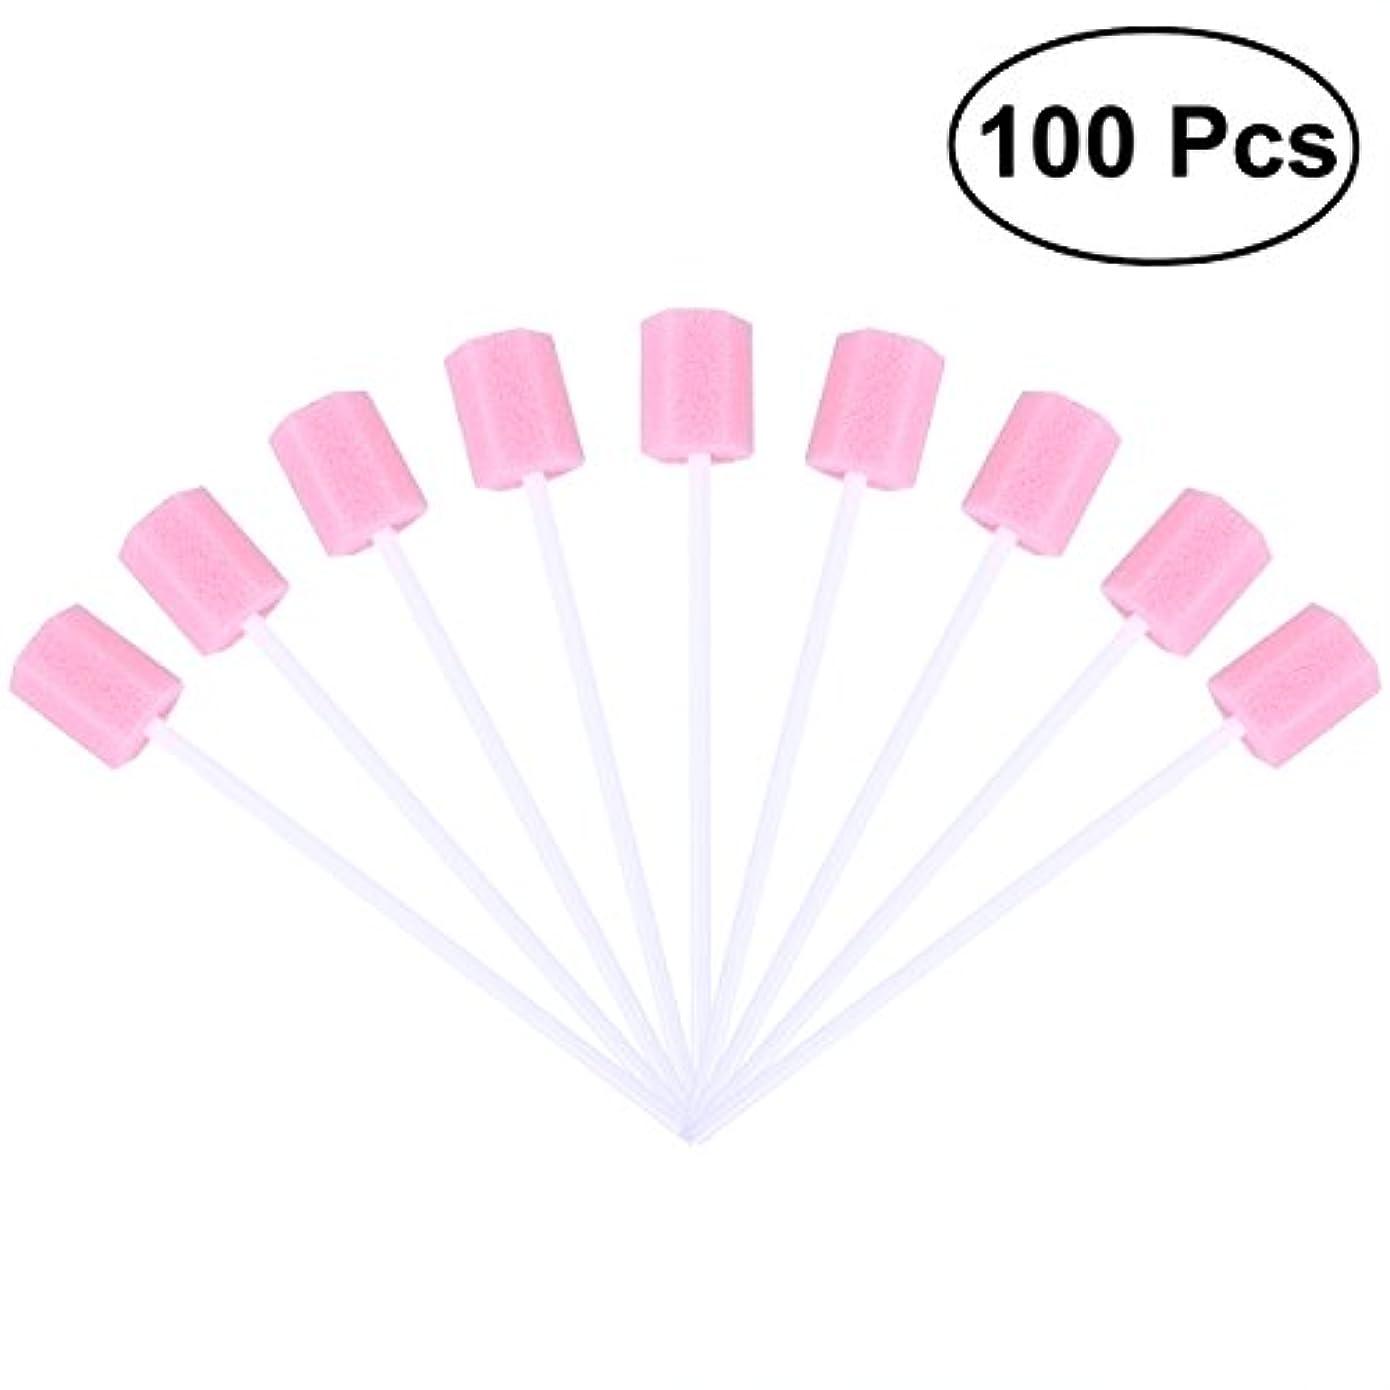 継続中裏切り者閉塞ROSENICE 使い捨て口腔ケアスポンジスワブ歯口洗浄スワブ100個(ピンク)